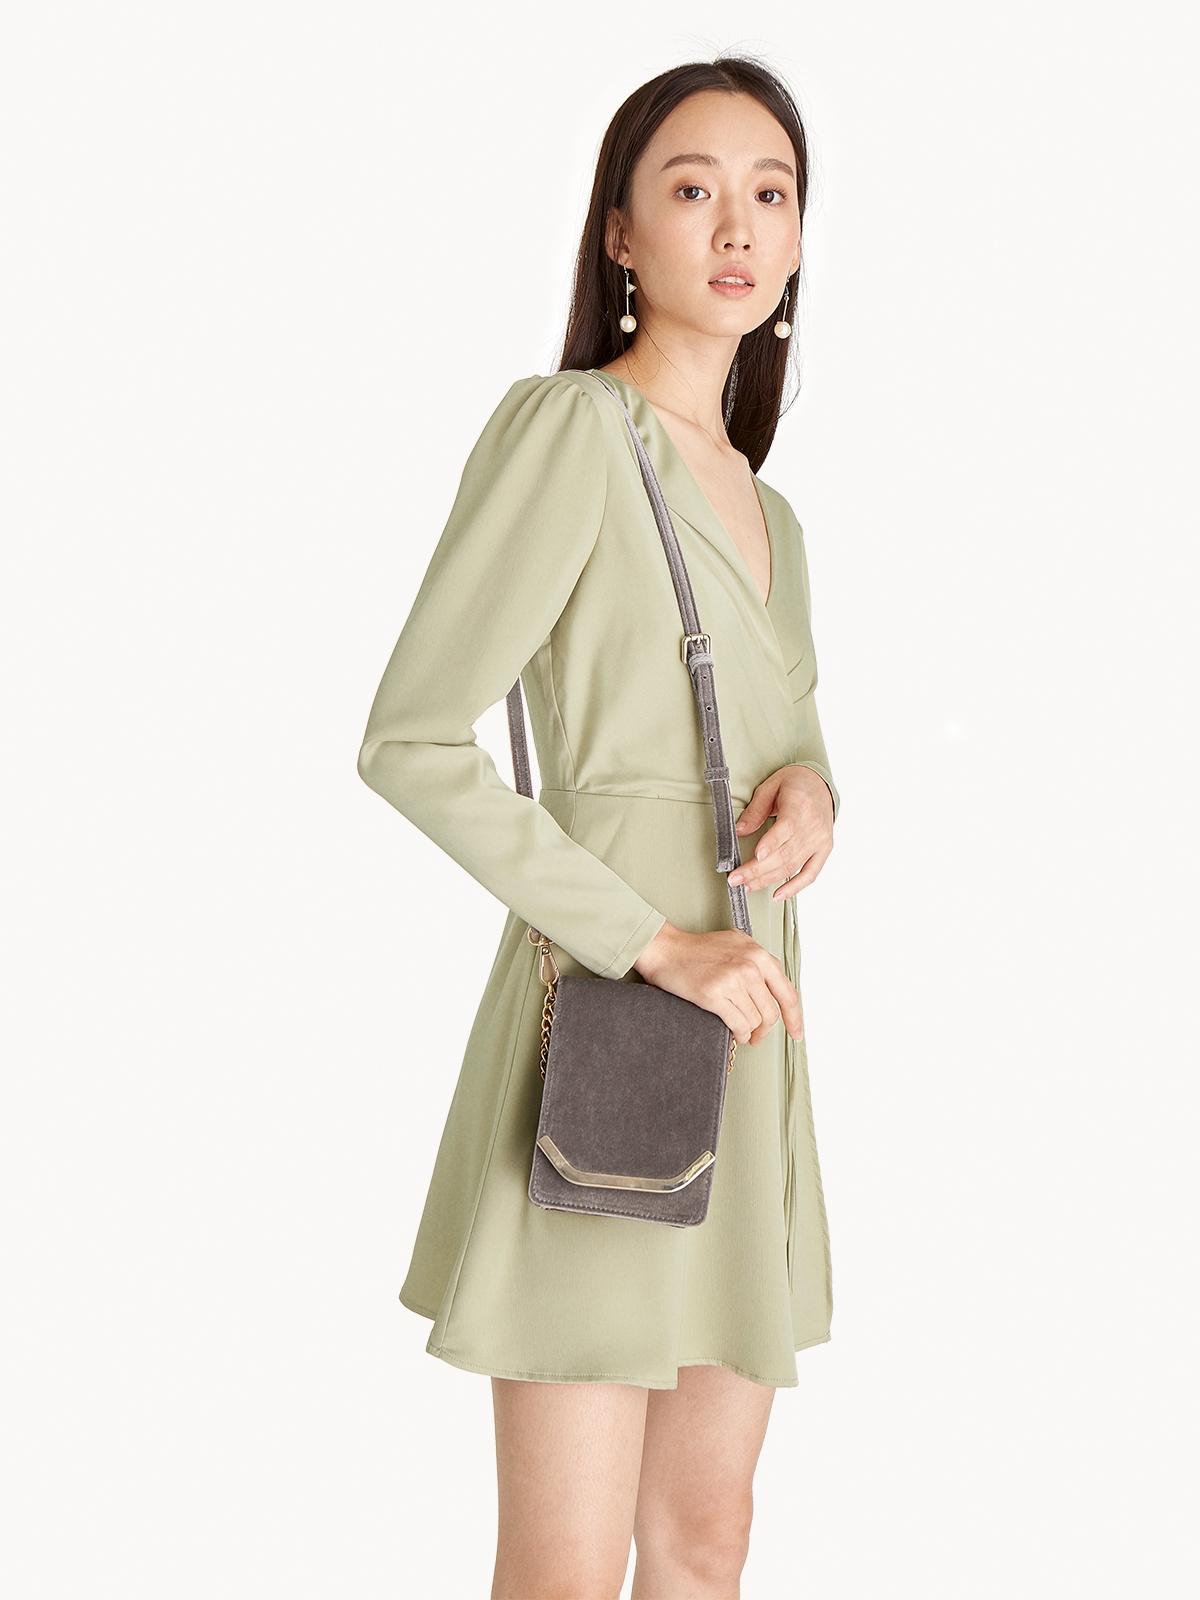 Velvet Foldover Cross Body Bag Gray